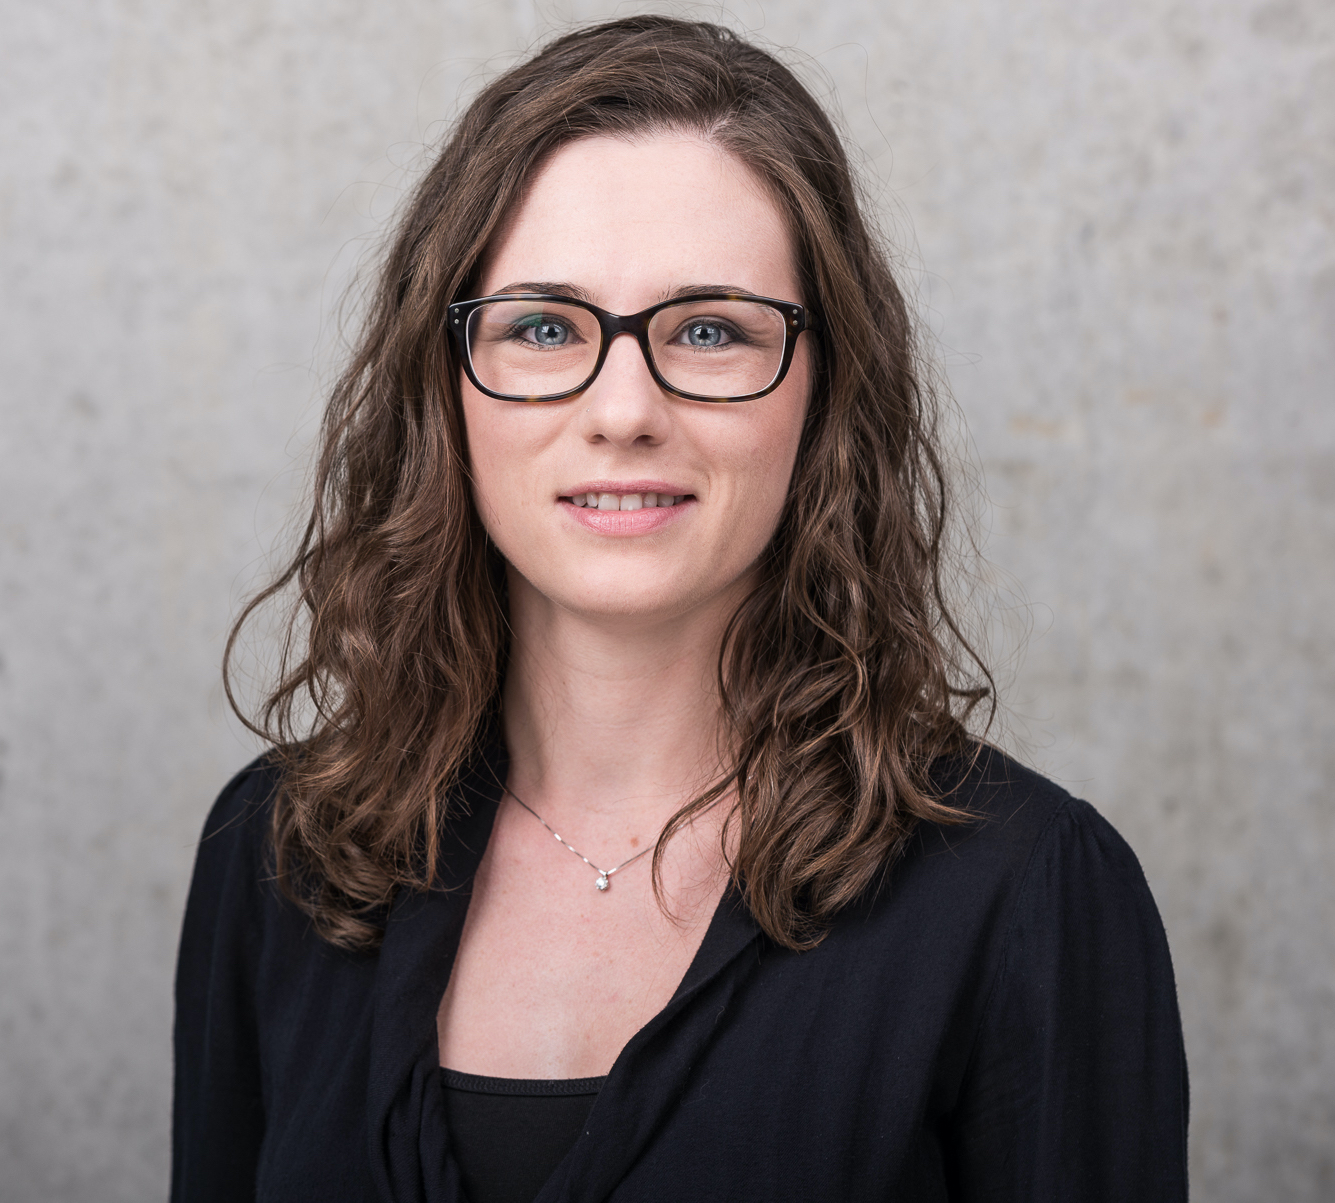 Stefanie Hug